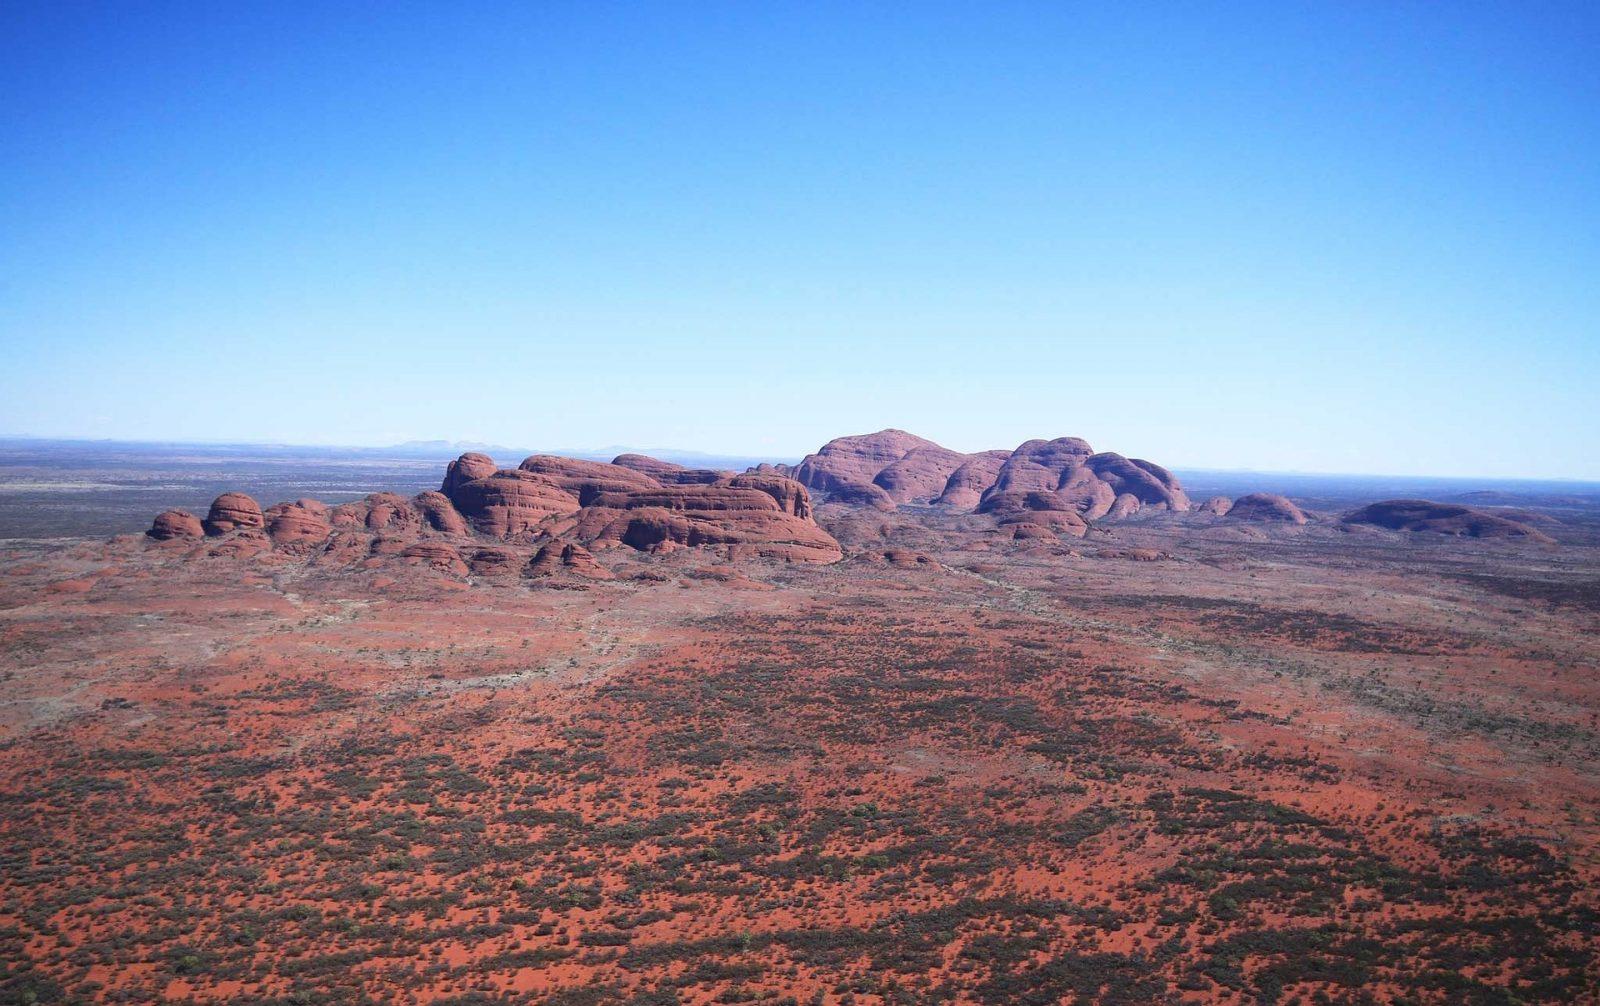 Uluru Tour: The Olgas